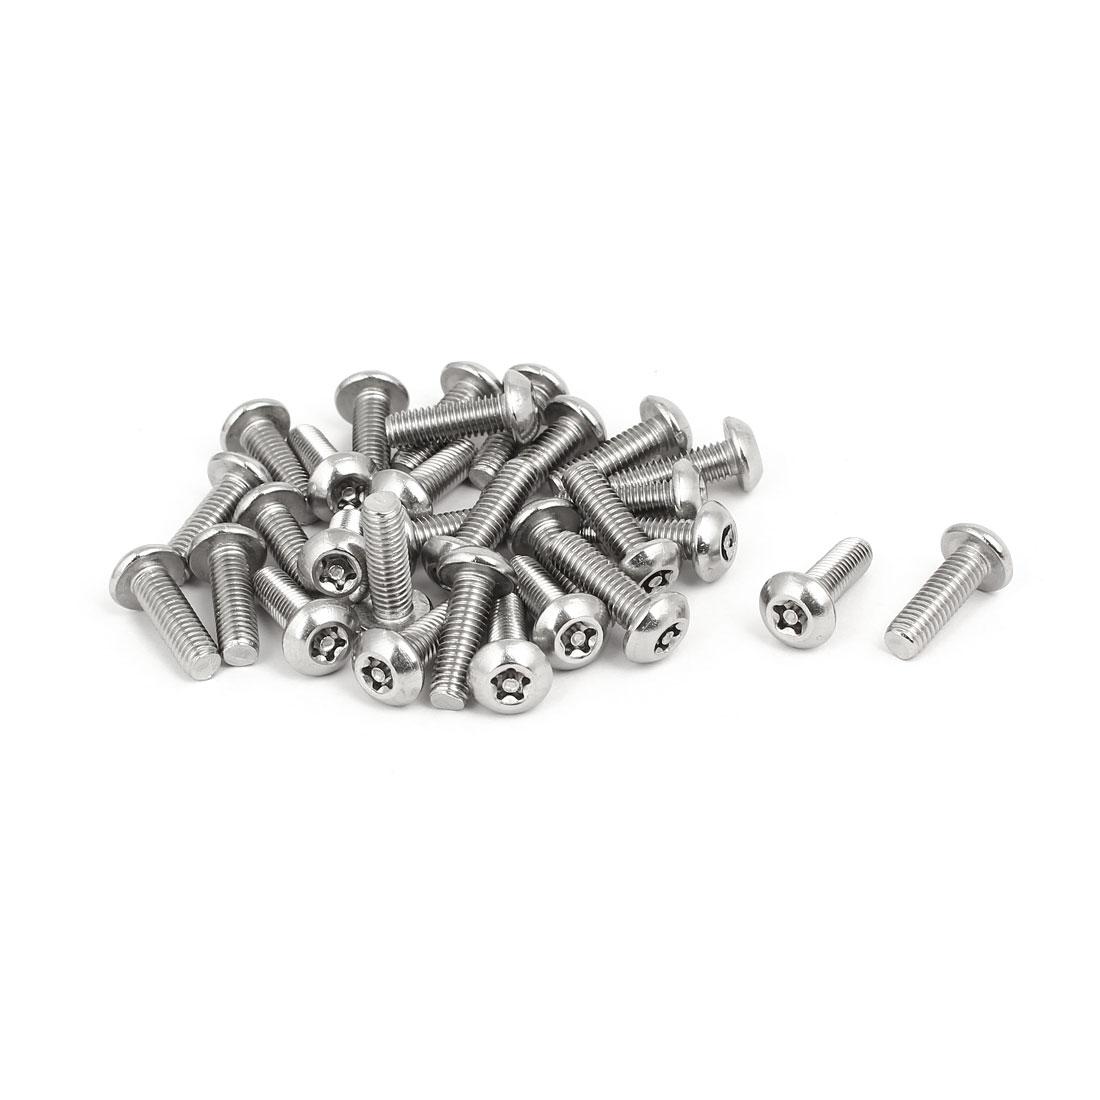 M5x16mm 304 Stainless Steel Button Head Torx Five-Lobe Tamper Screw 30pcs